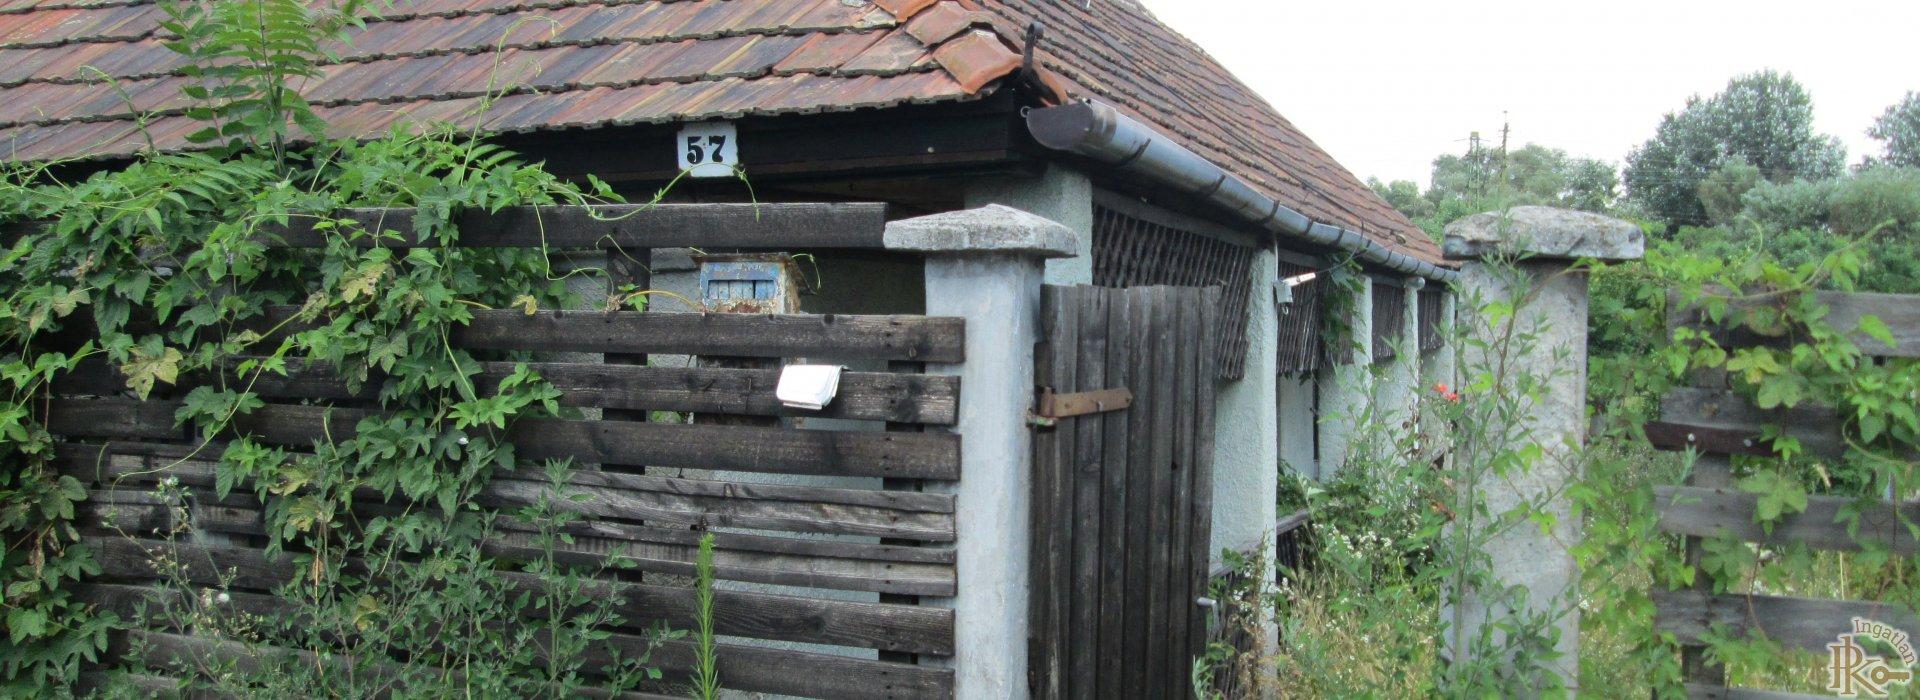 Sajószentpéter, Lévay József utca 57.